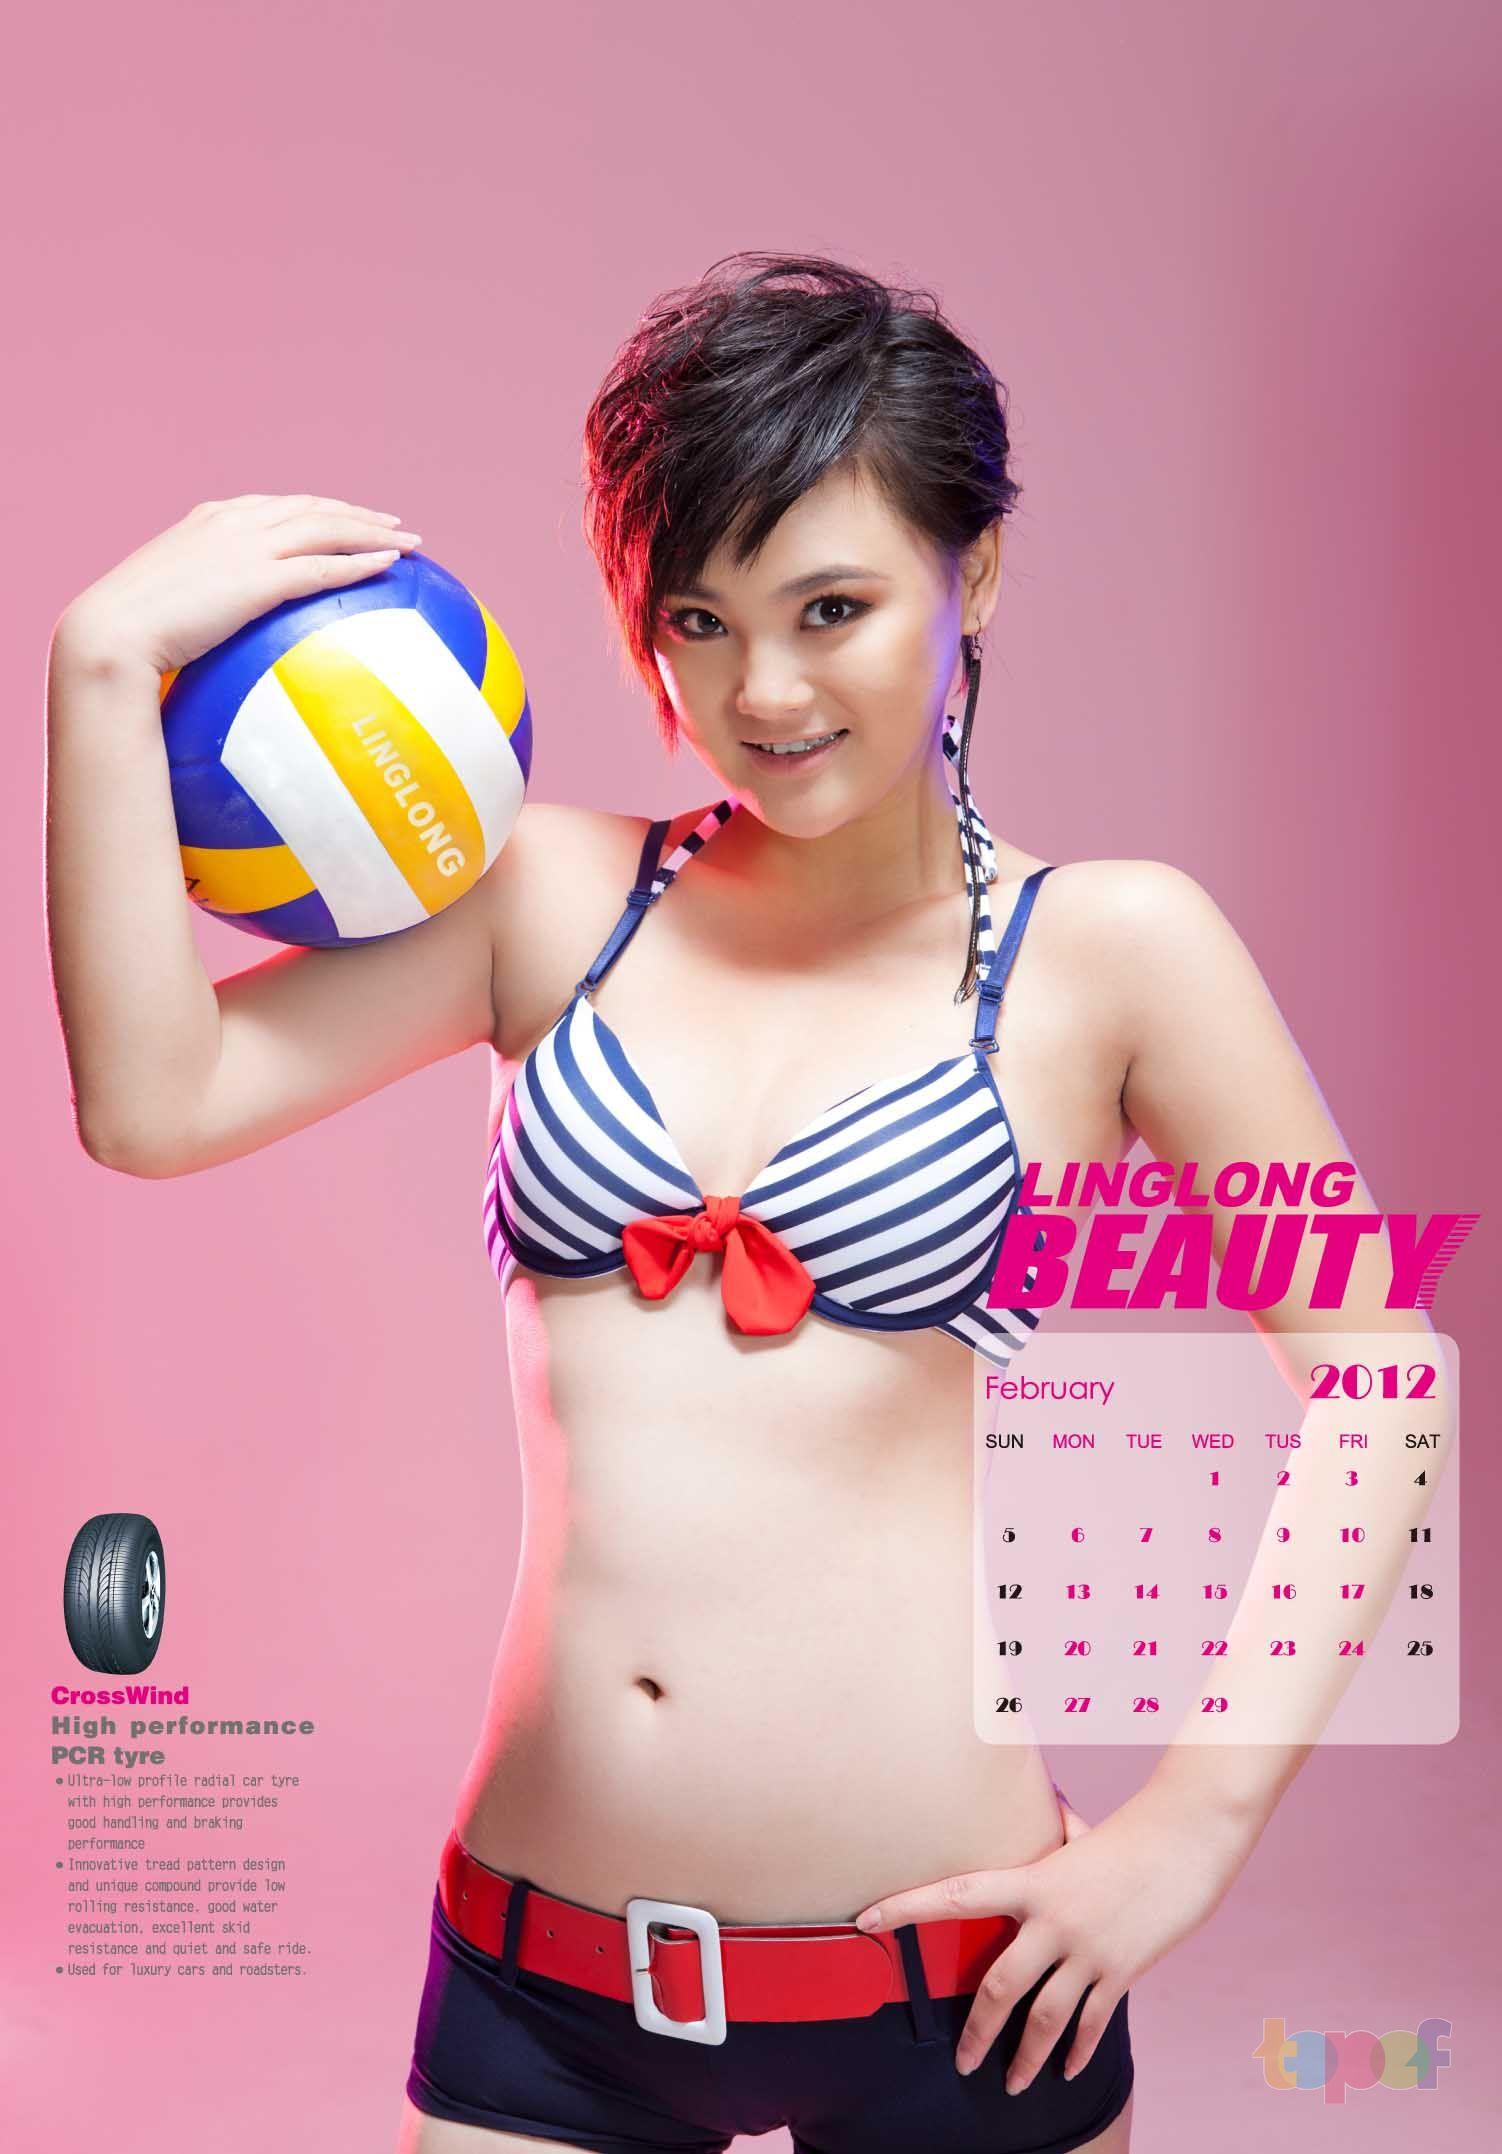 Календари от LingLong (Шины). Февраль 2012 года